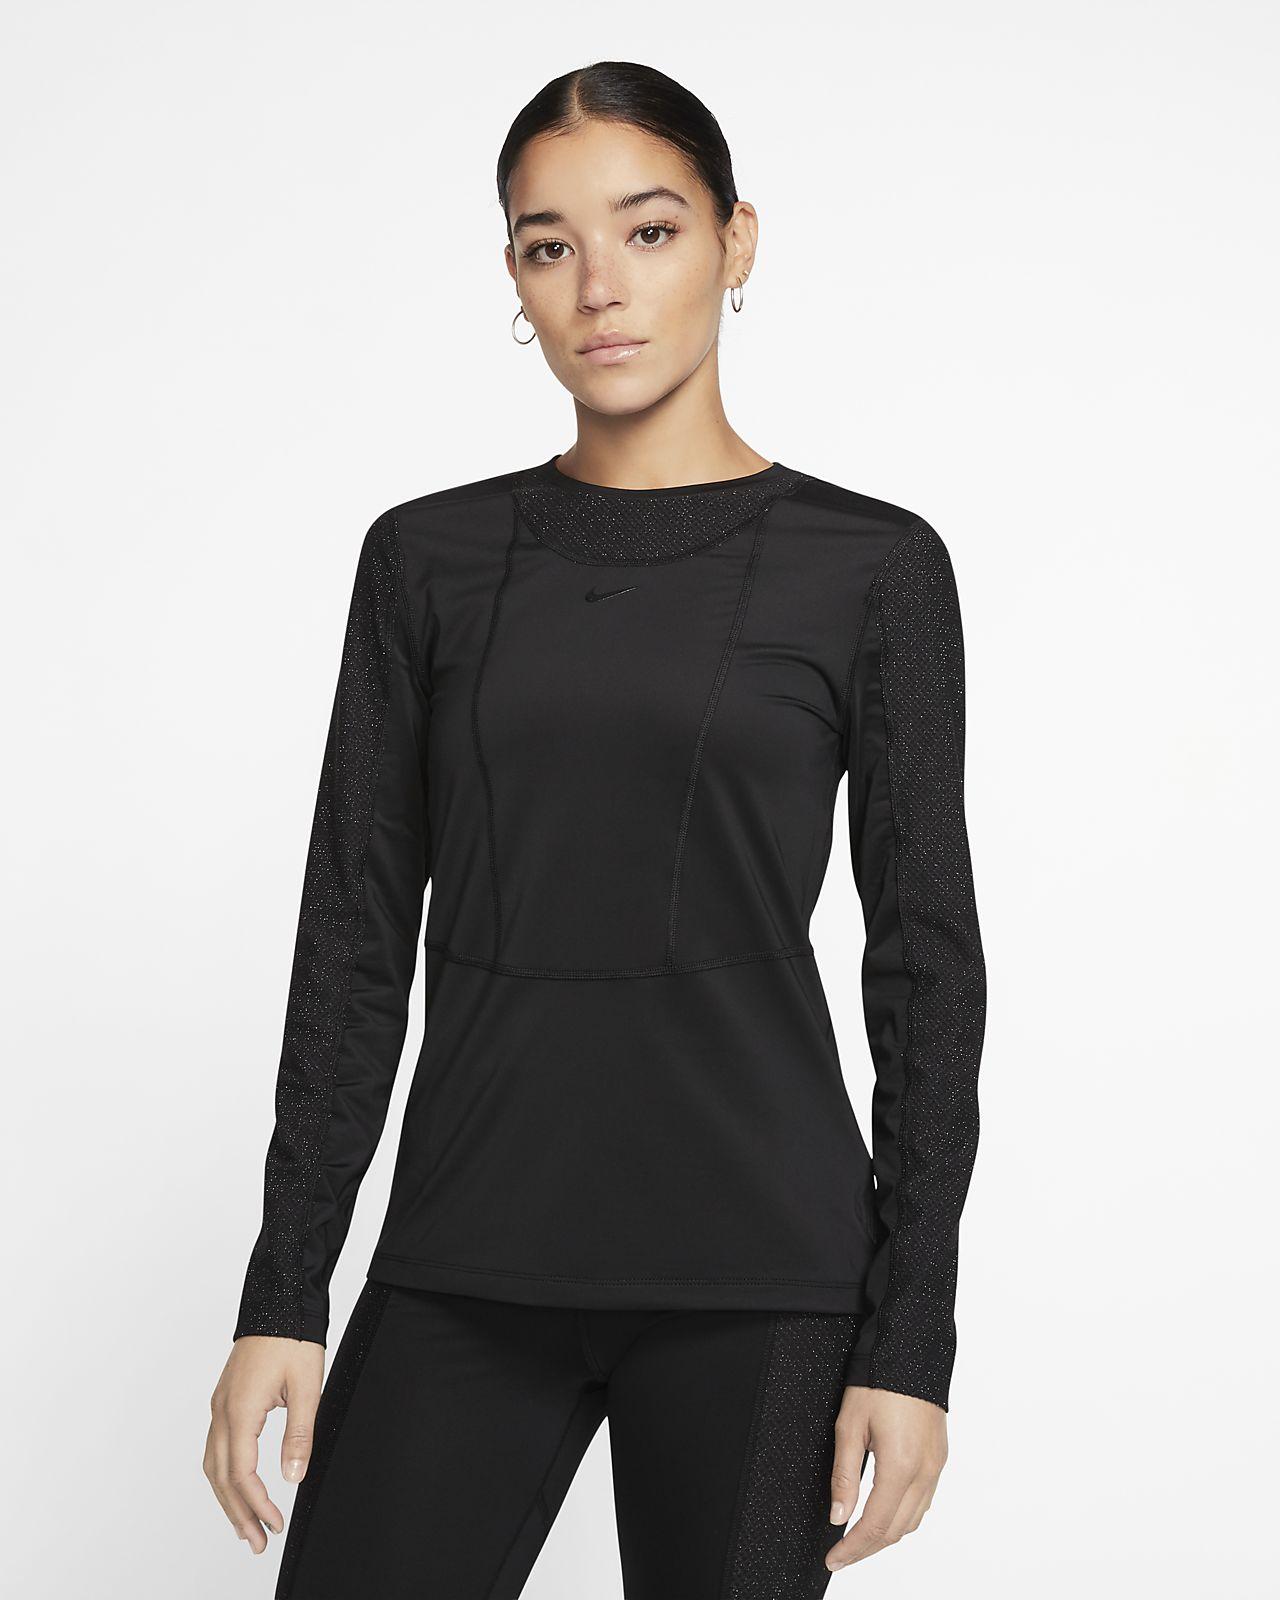 Haut à manches longues Nike Pro Warm pour Femme